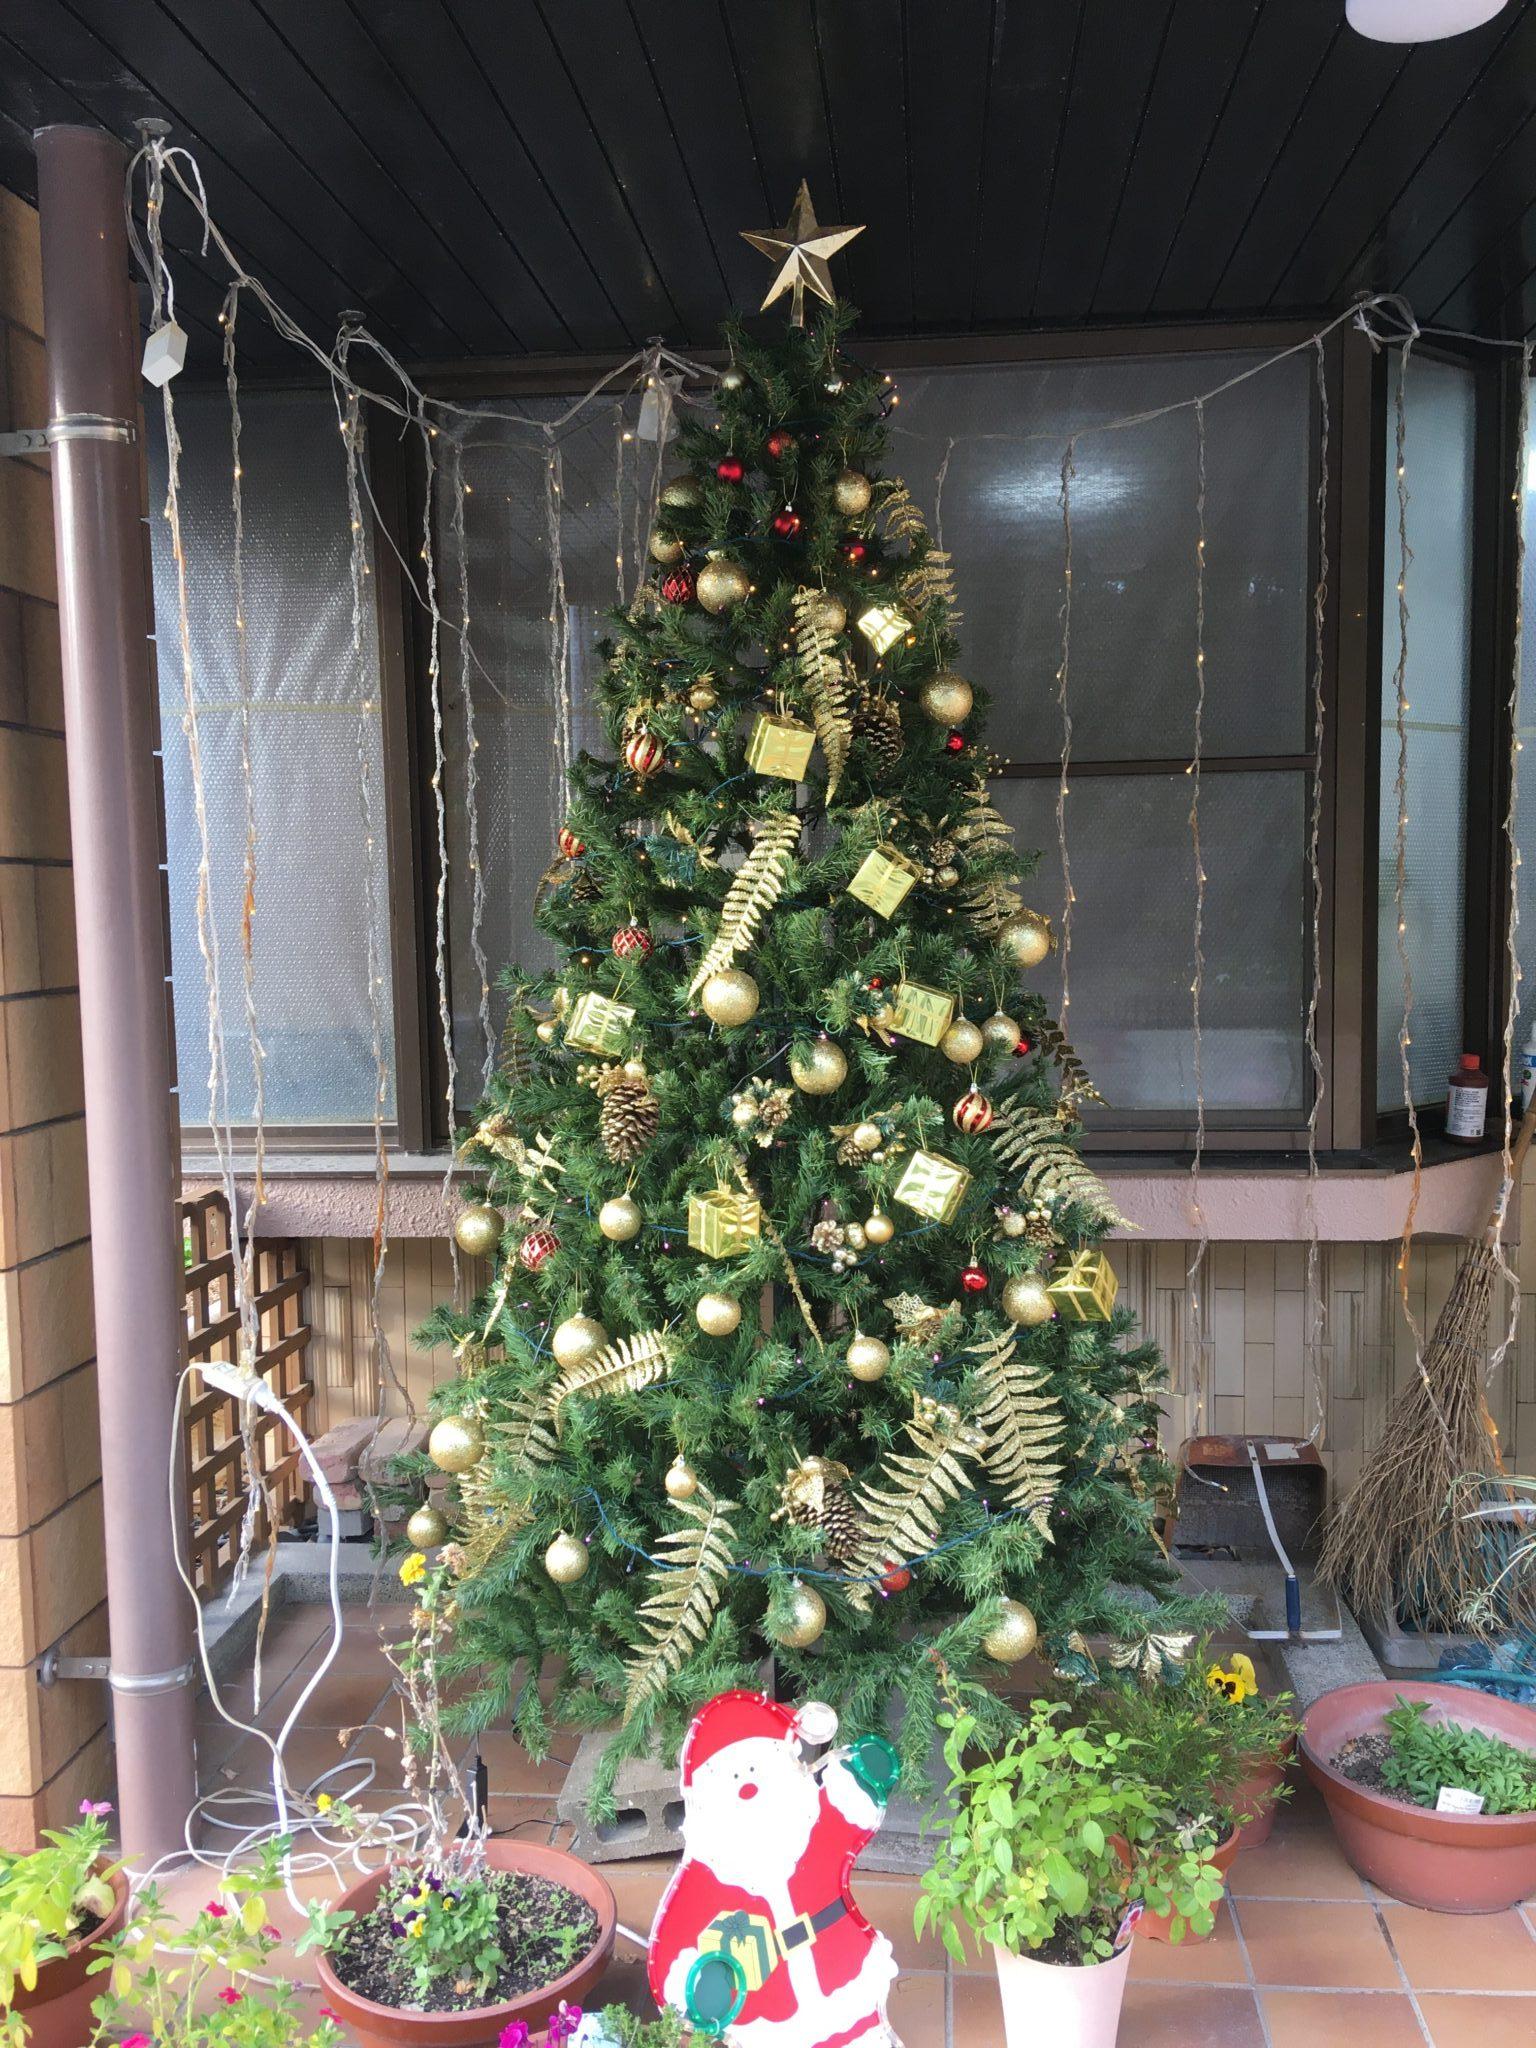 山内診療所にクリスマスツリーが出現しました🎄